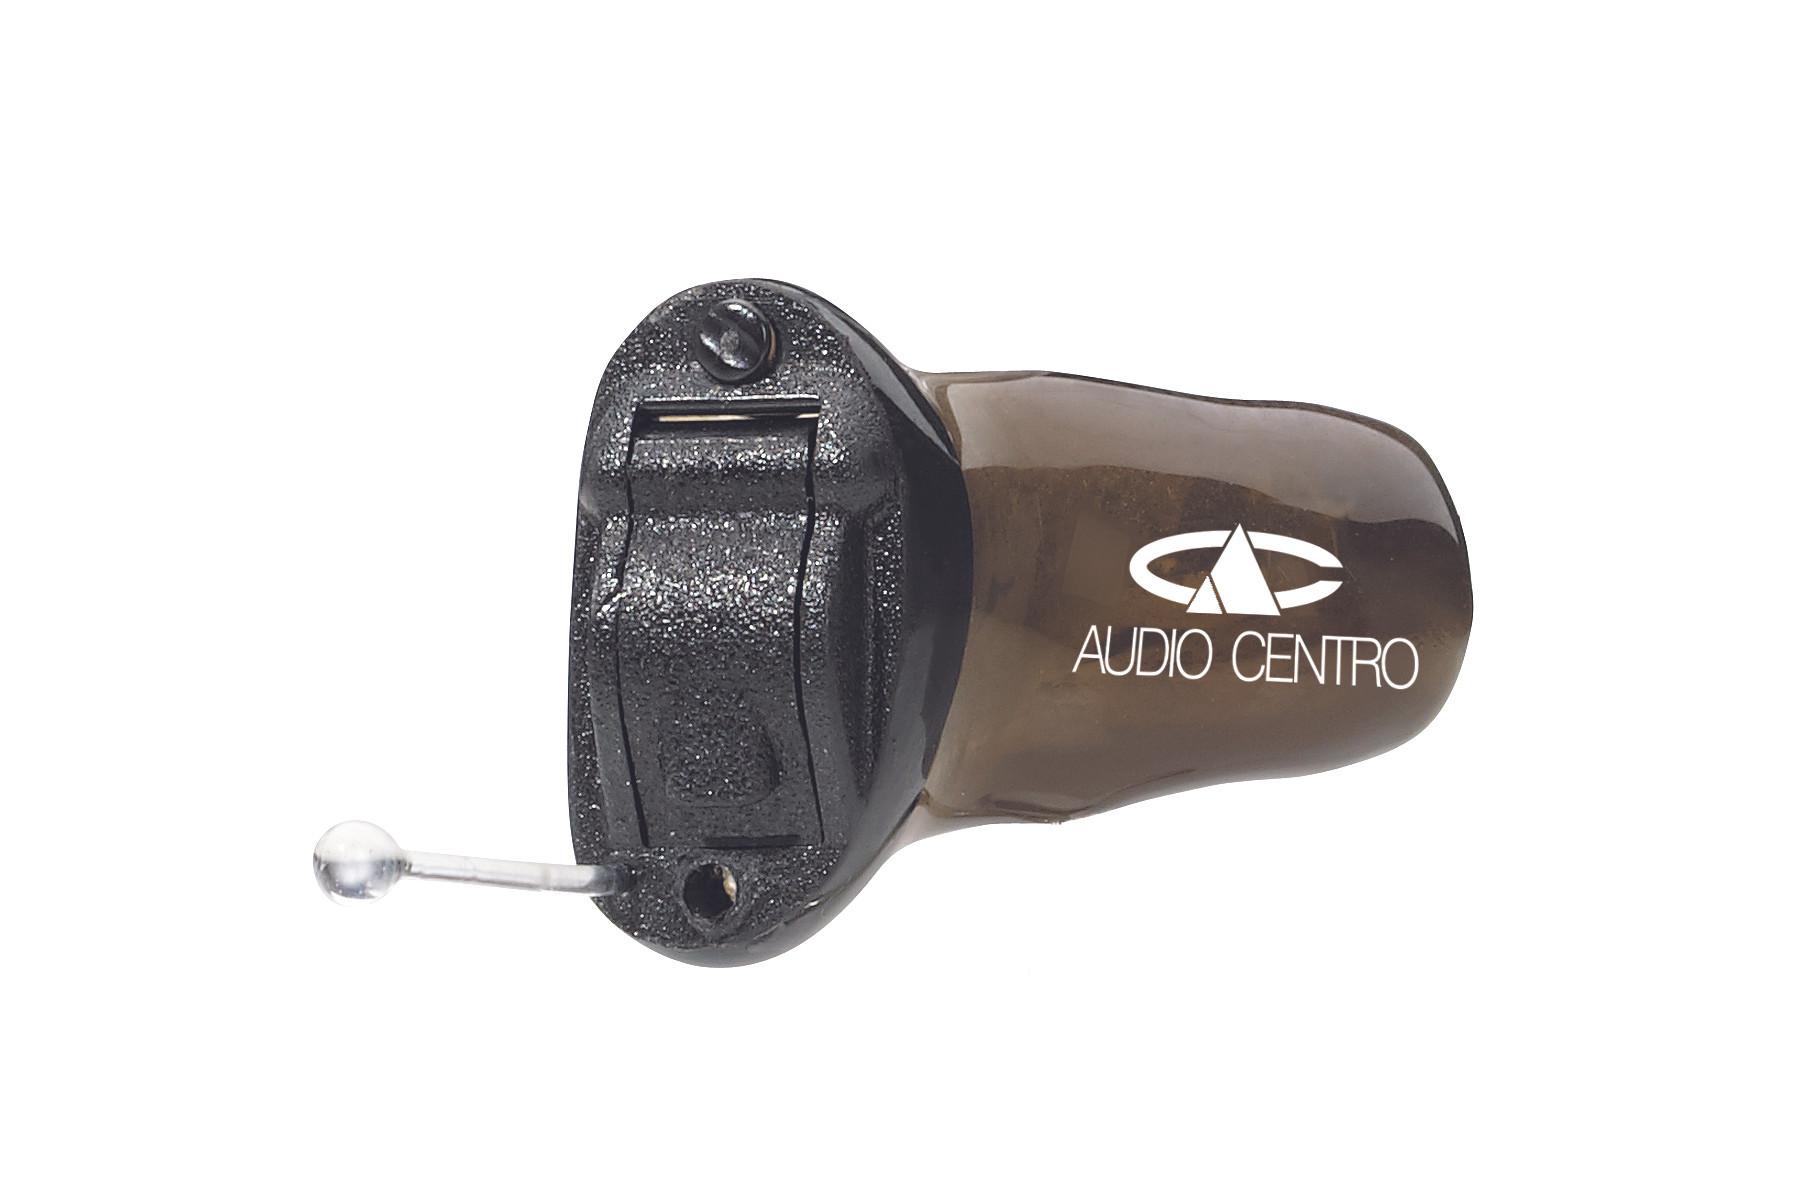 Adaptación y calibración de audífonos